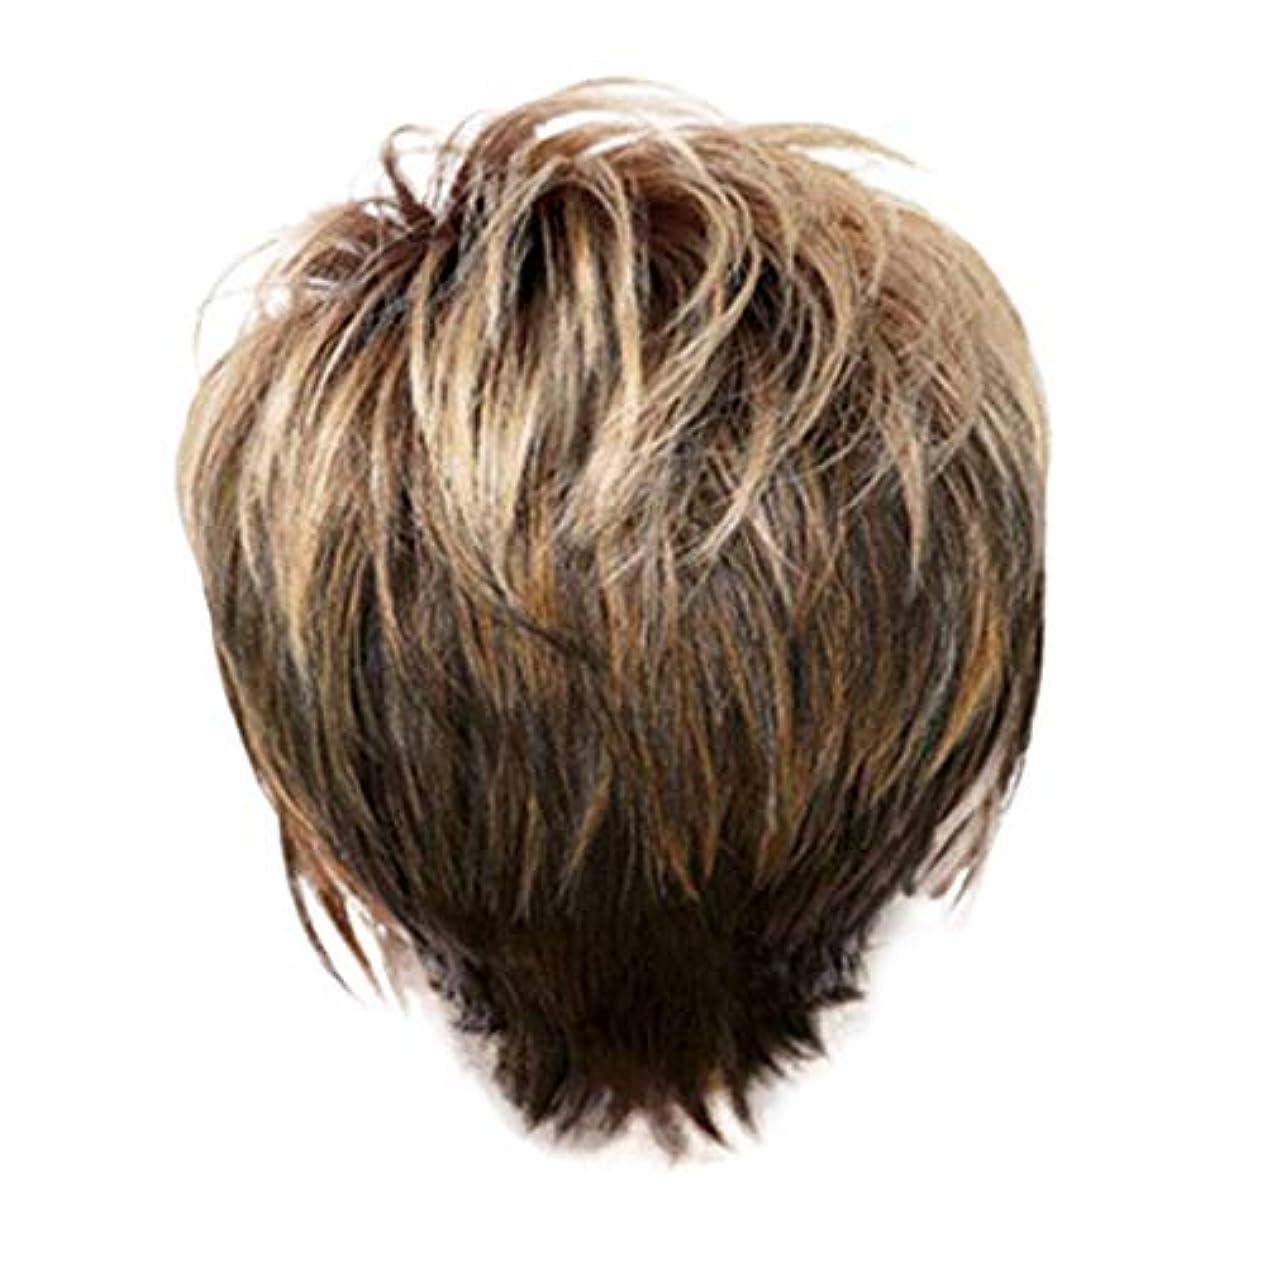 郵便番号自治的階ウィッグ女性の金茶色の短いストレートヘアファッションセクシーなかつら31 cm